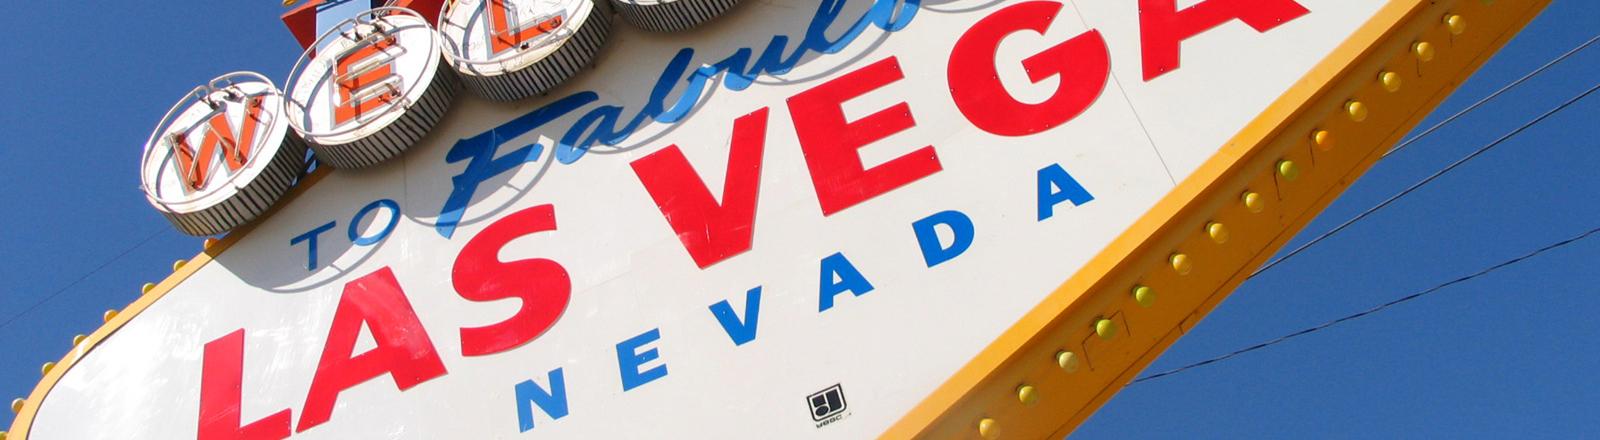 Ein Schild mit der Aufschrift: Welcome Las Vegas